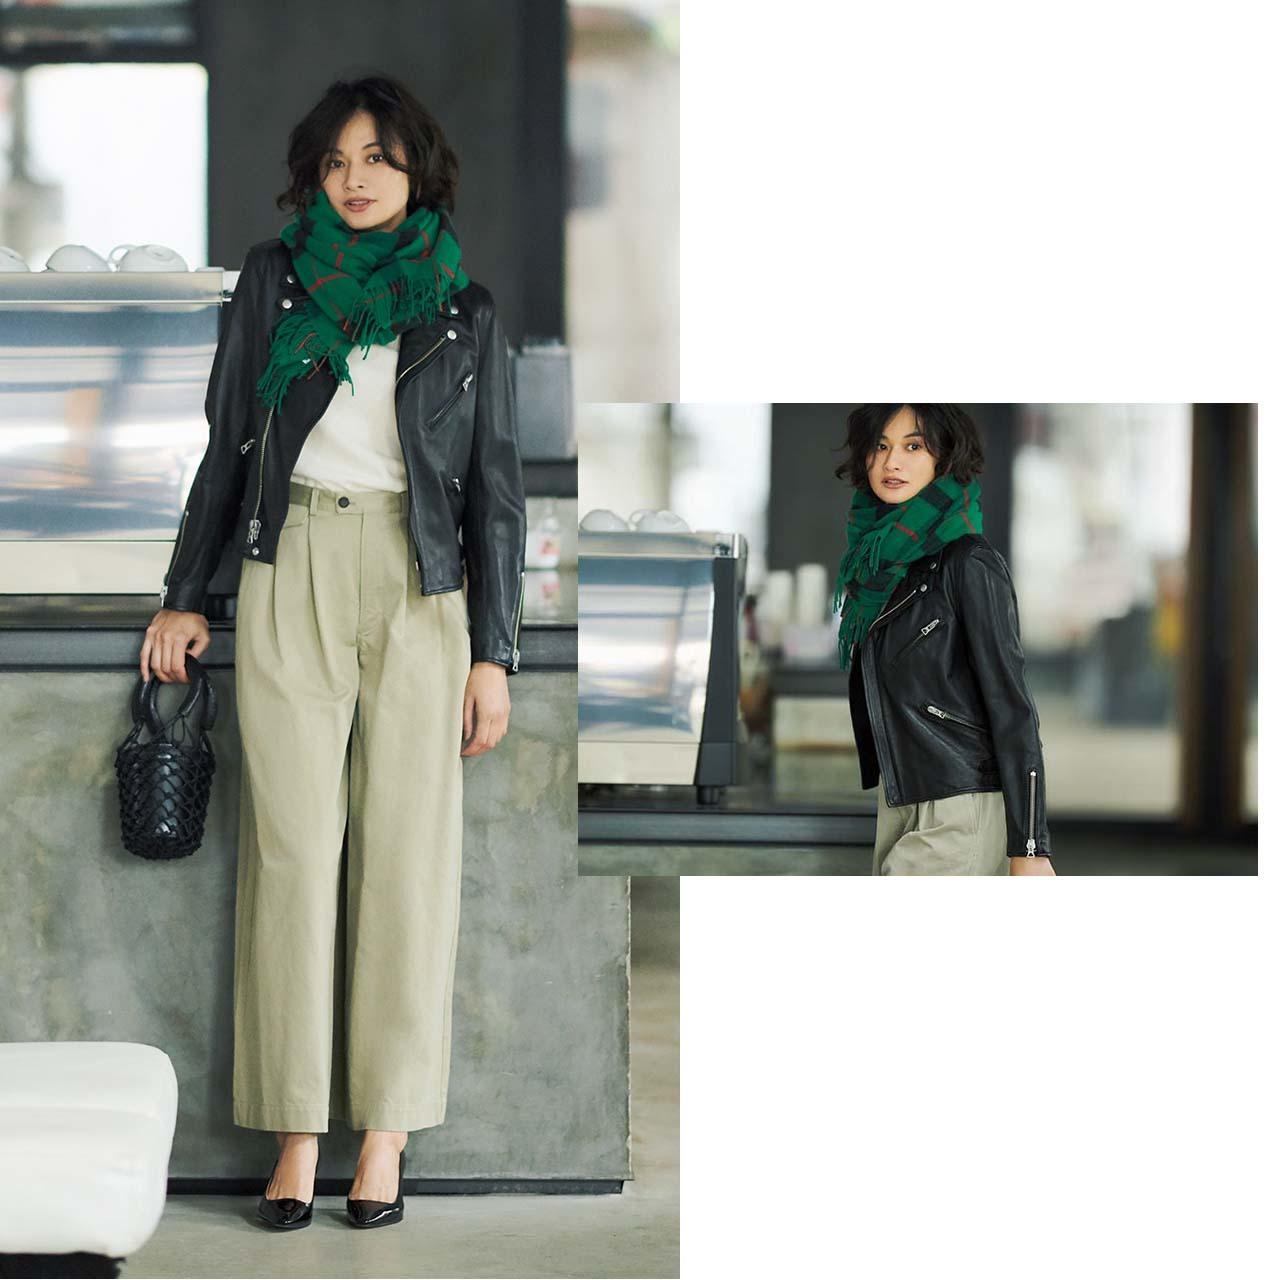 ライダース✖ストールコーデを着たモデルの渡辺佳子さん